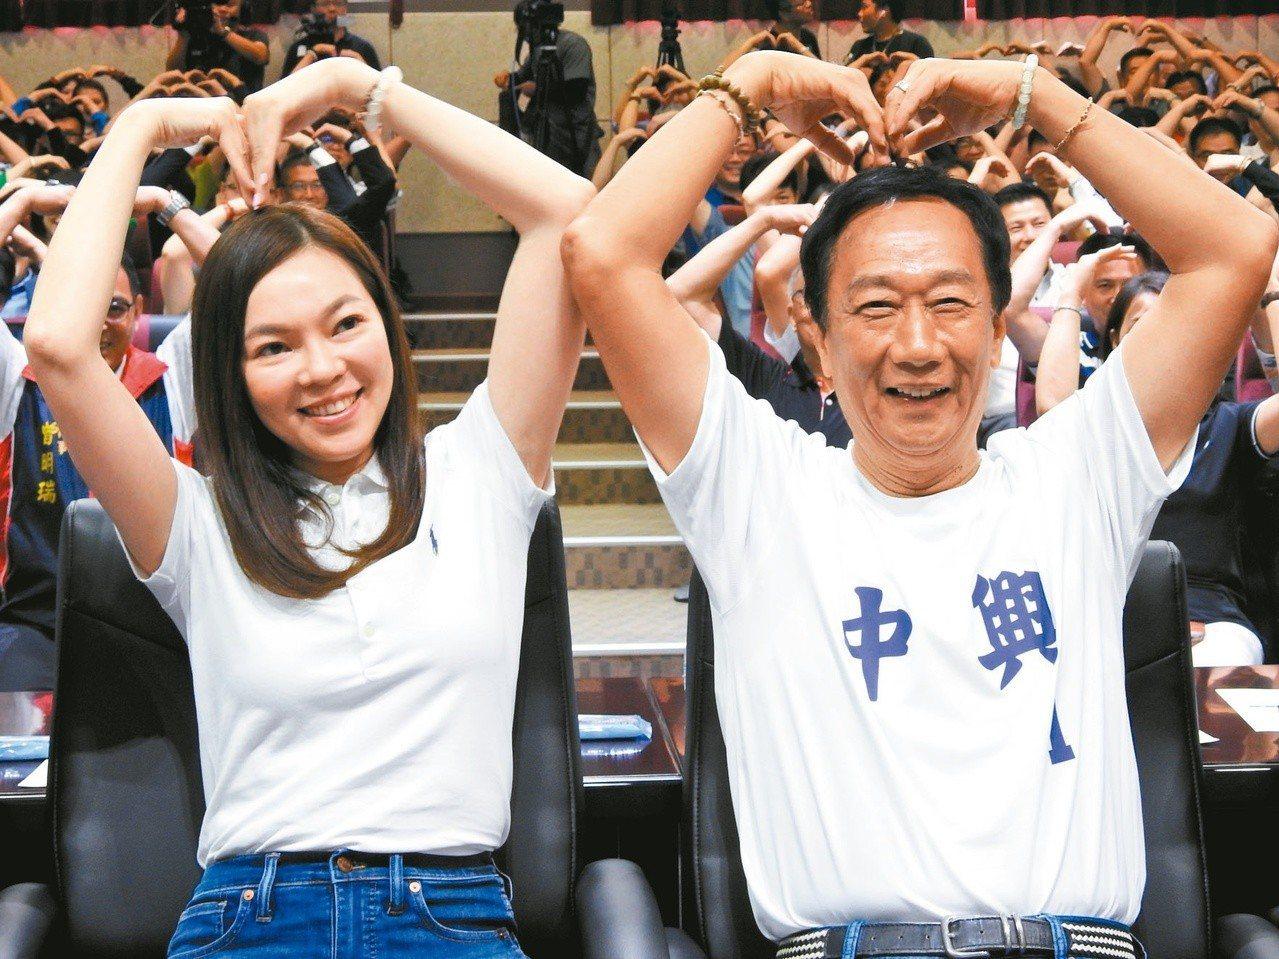 鴻海董事長郭台銘(右)的妻子曾馨瑩,昨首次陪郭跑初選行程。記者賴香珊/攝影